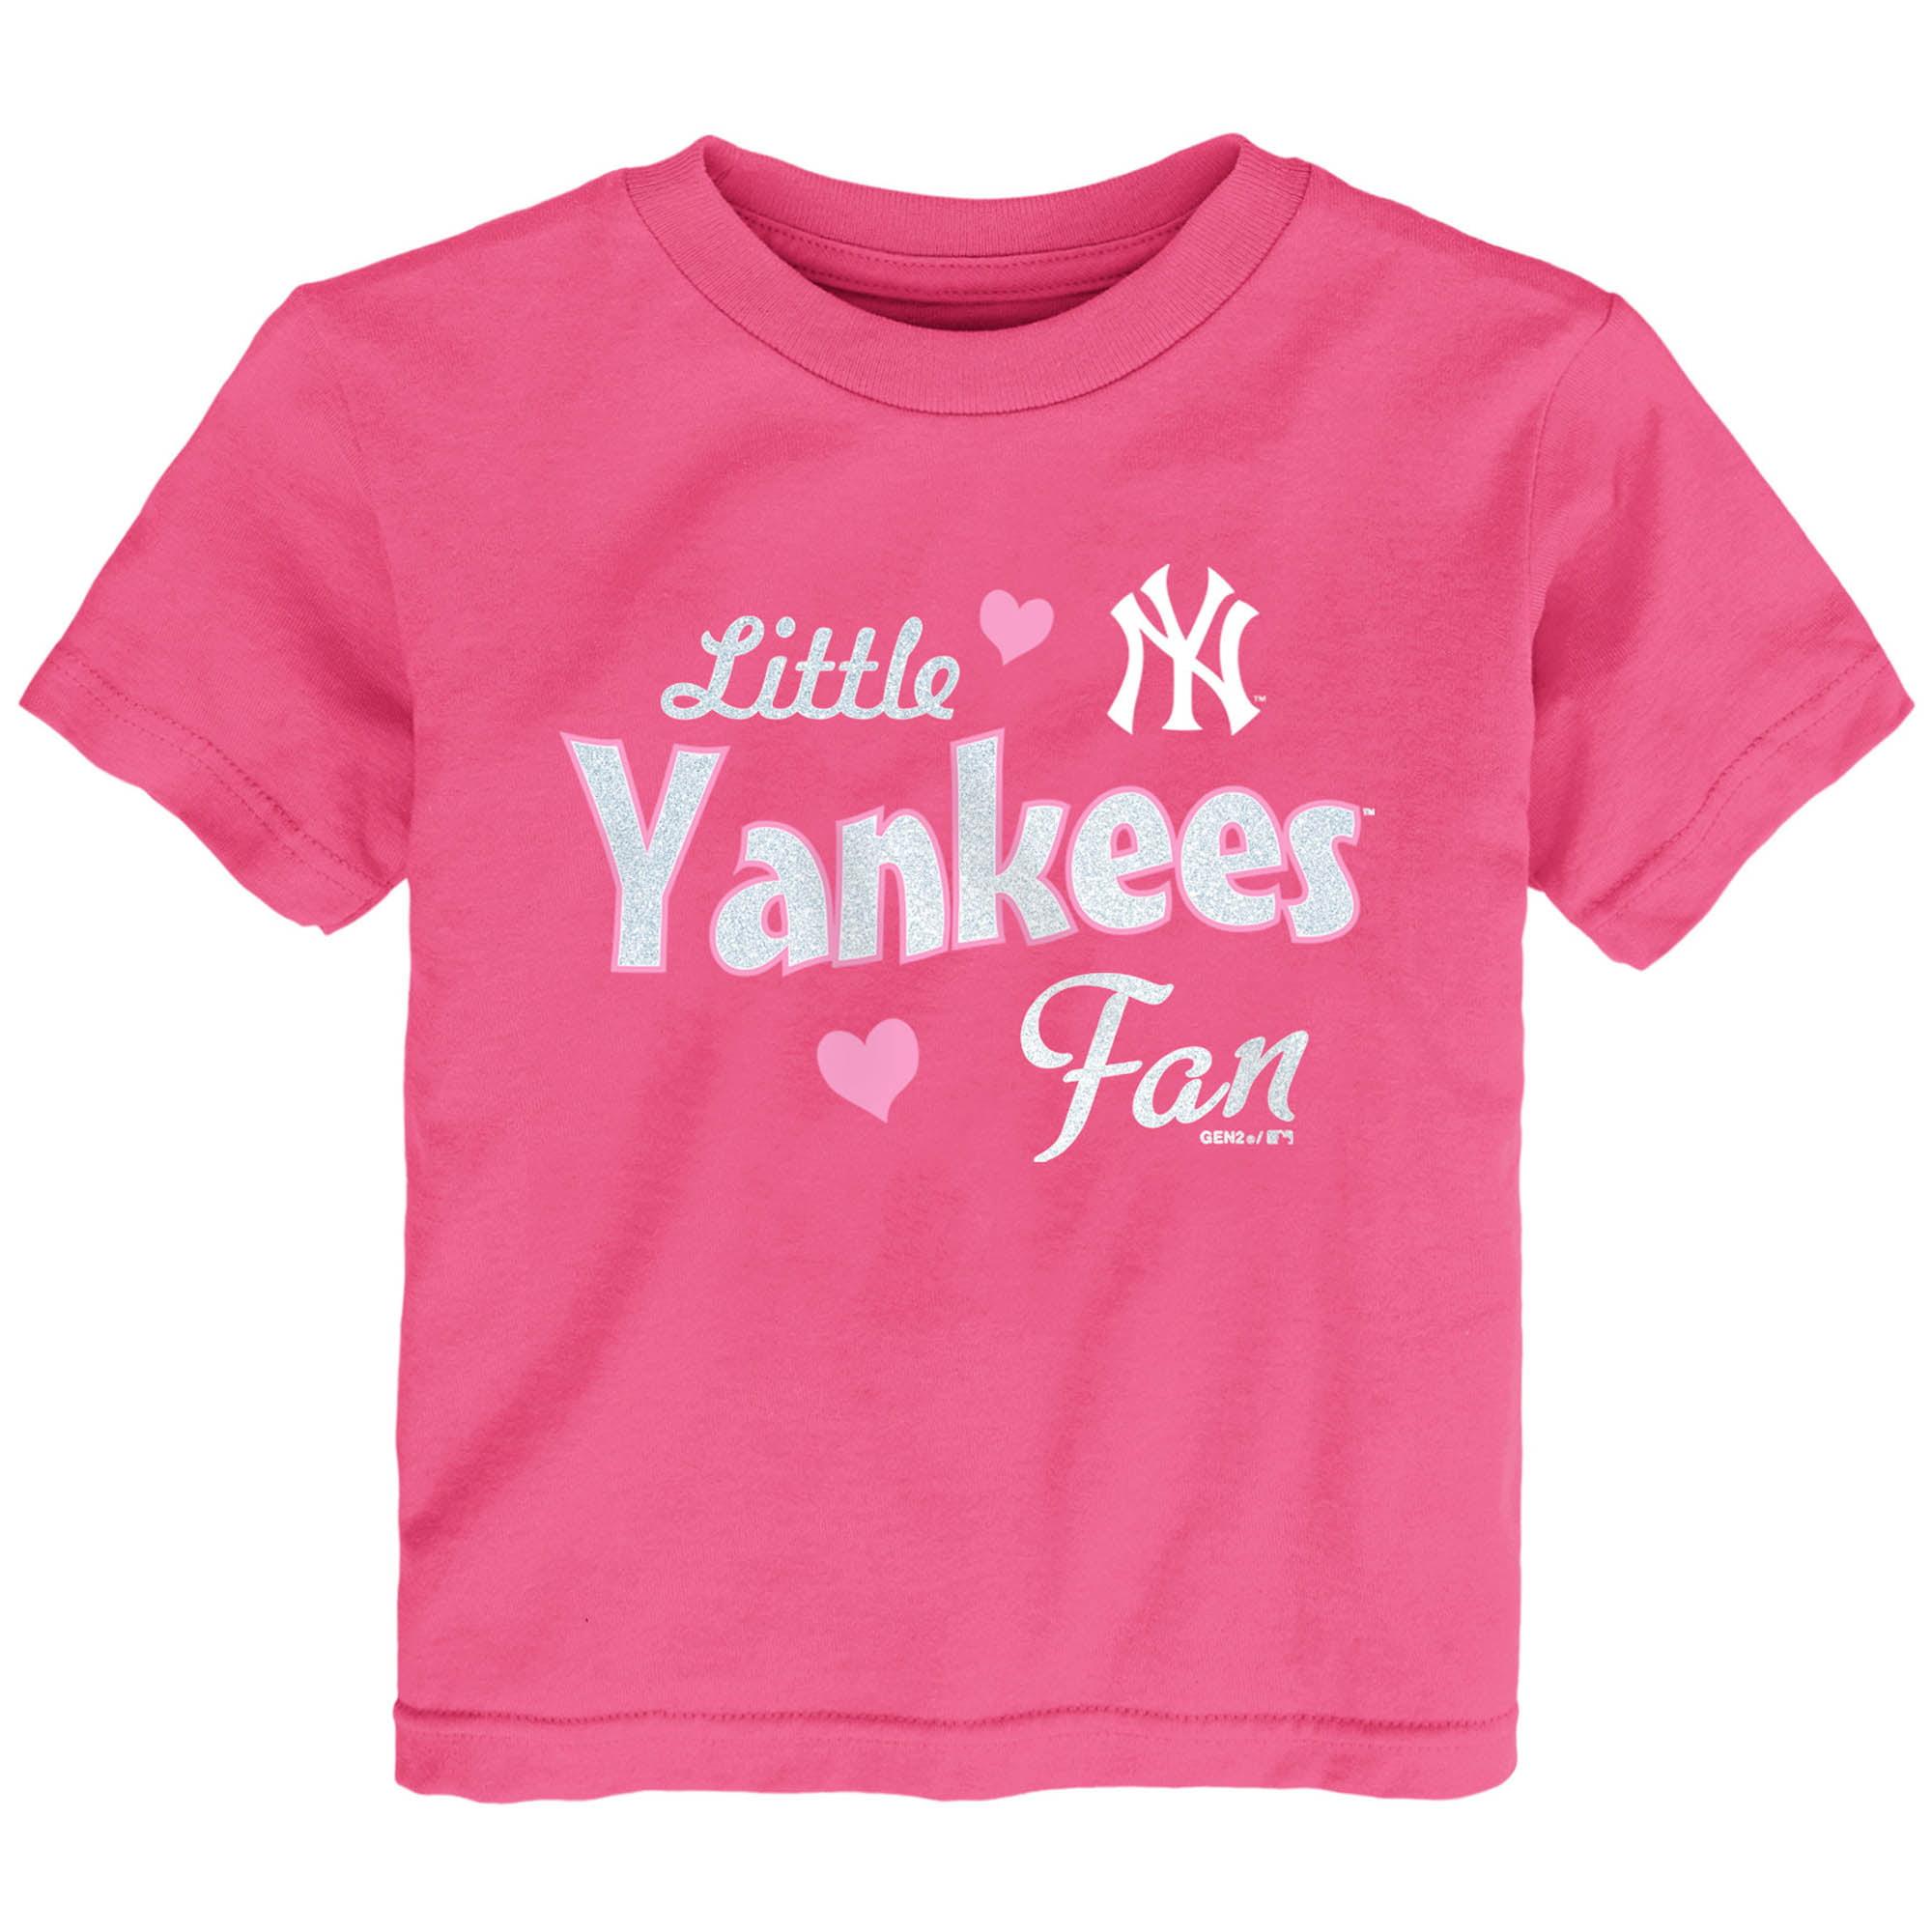 New York Yankees Girls Toddler Fan T-Shirt - Pink